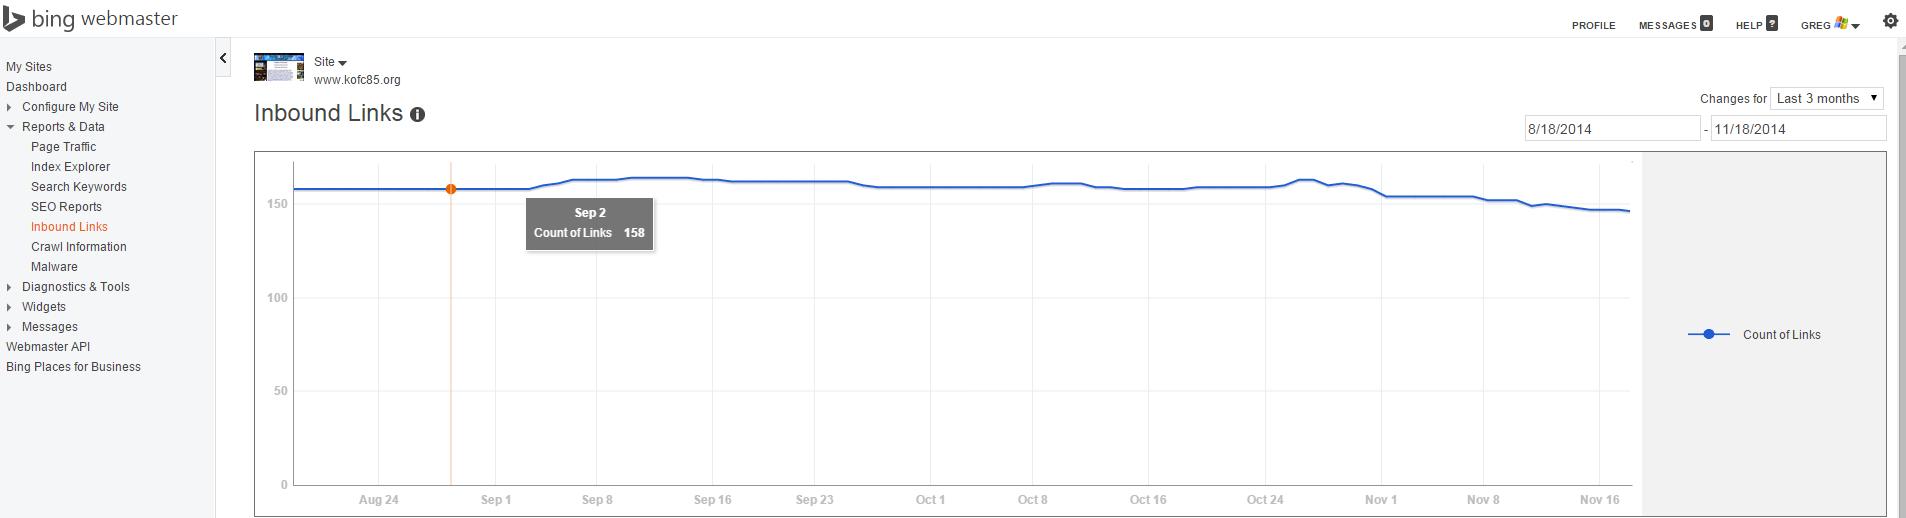 Bing Webmaster Tools Inbound Links